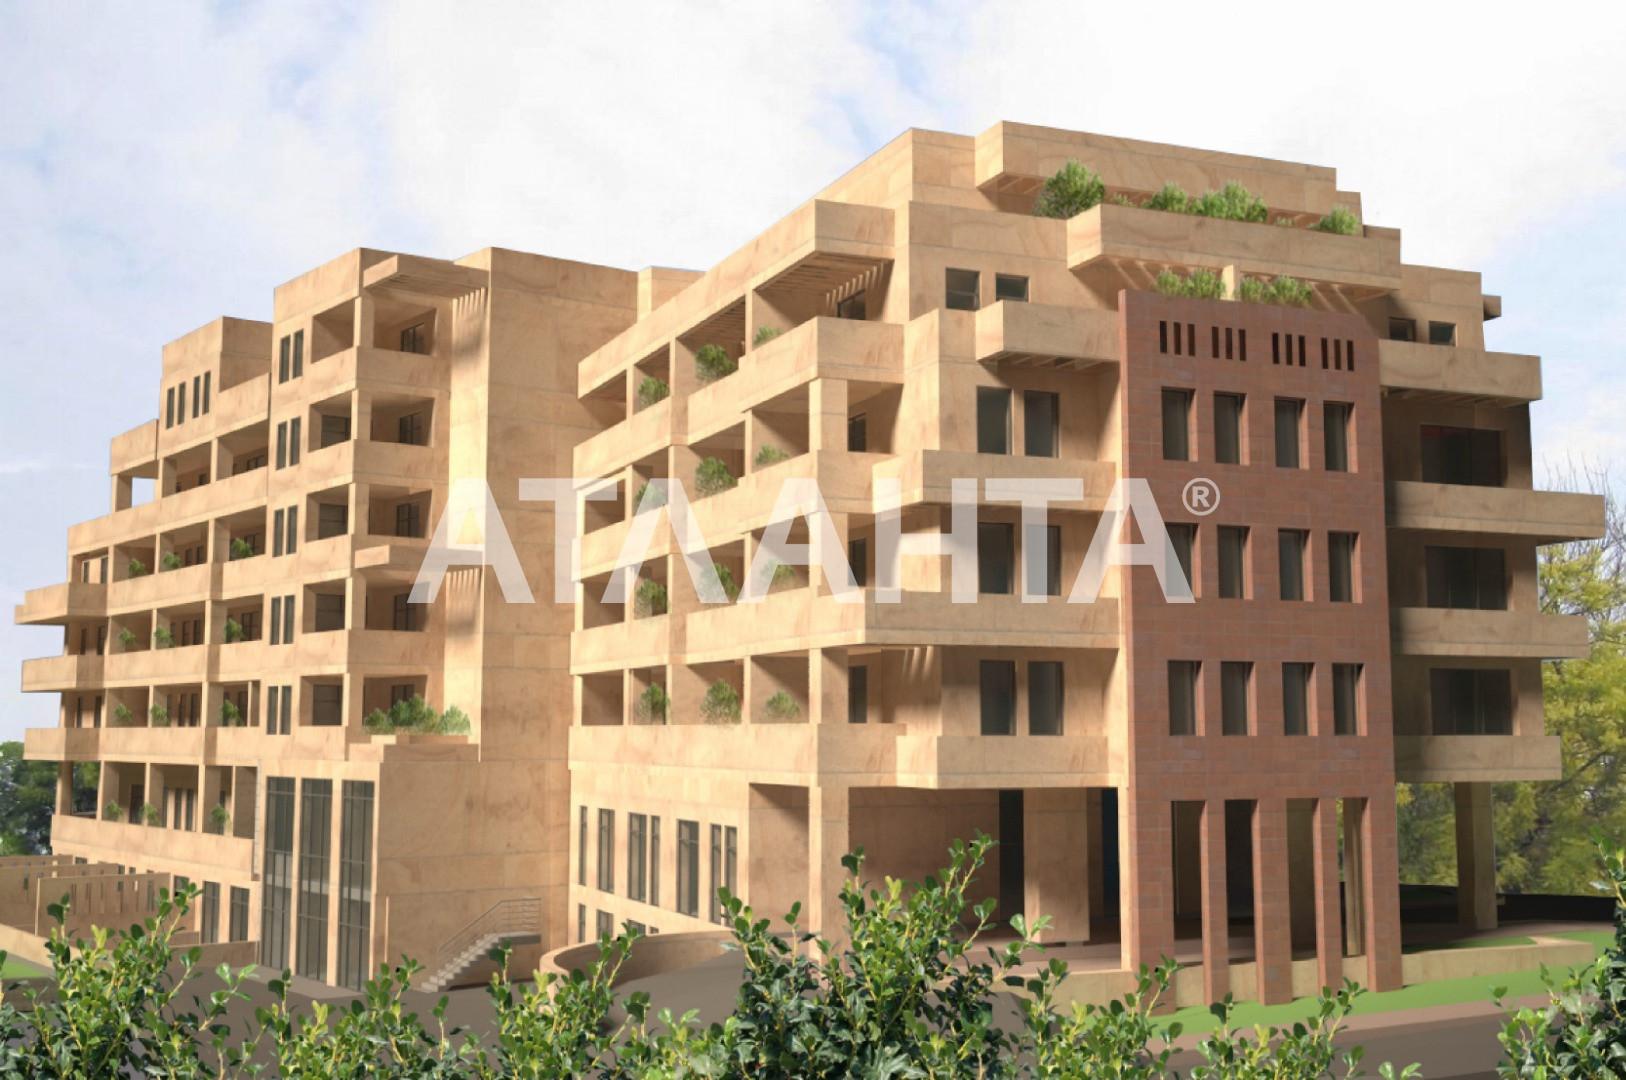 Продается 1-комнатная Квартира на ул. Каманина — 52 780 у.е. (фото №2)